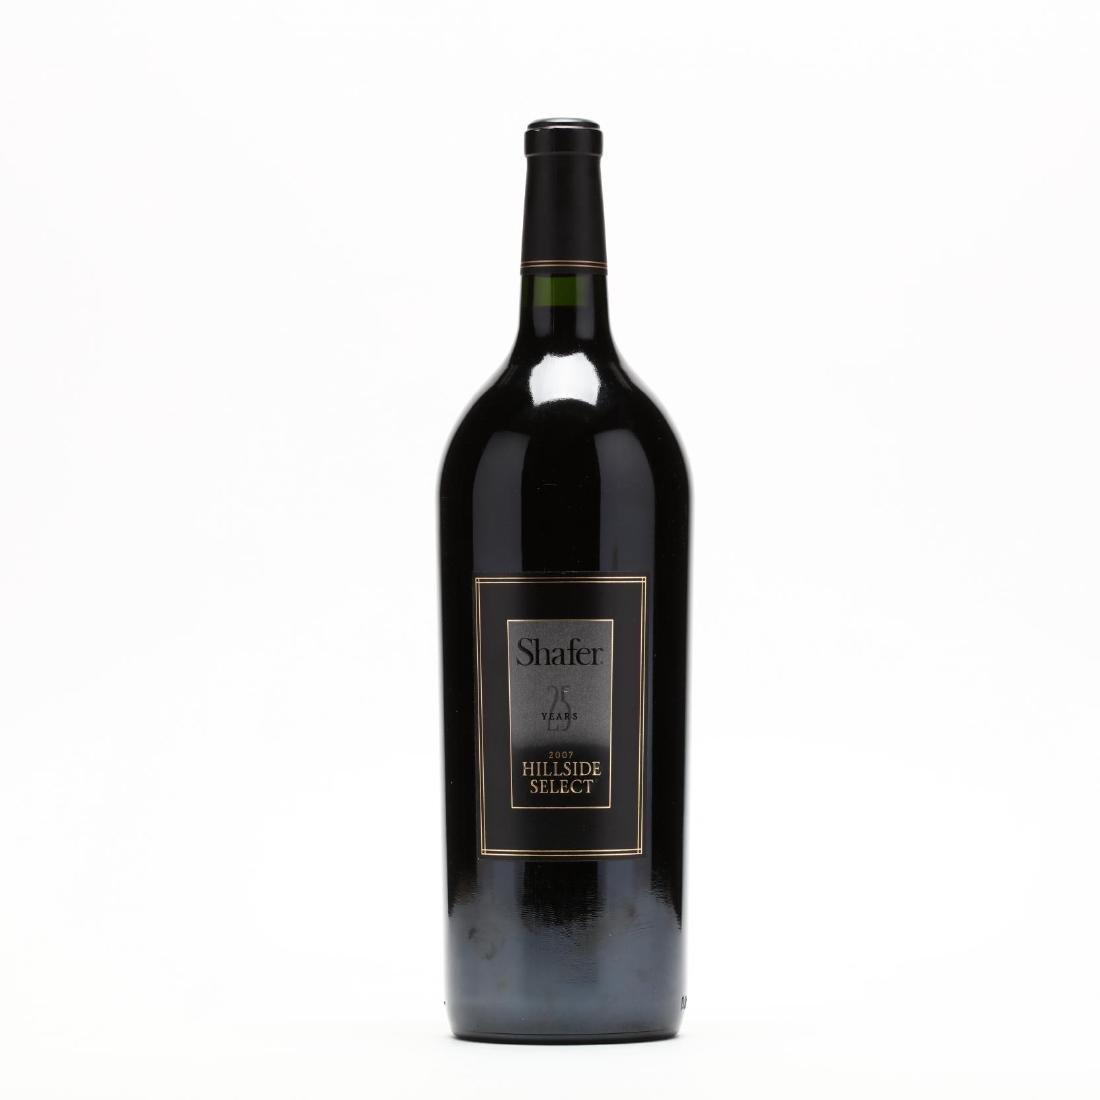 Shafer Vineyards Magnum - Vintage 2007